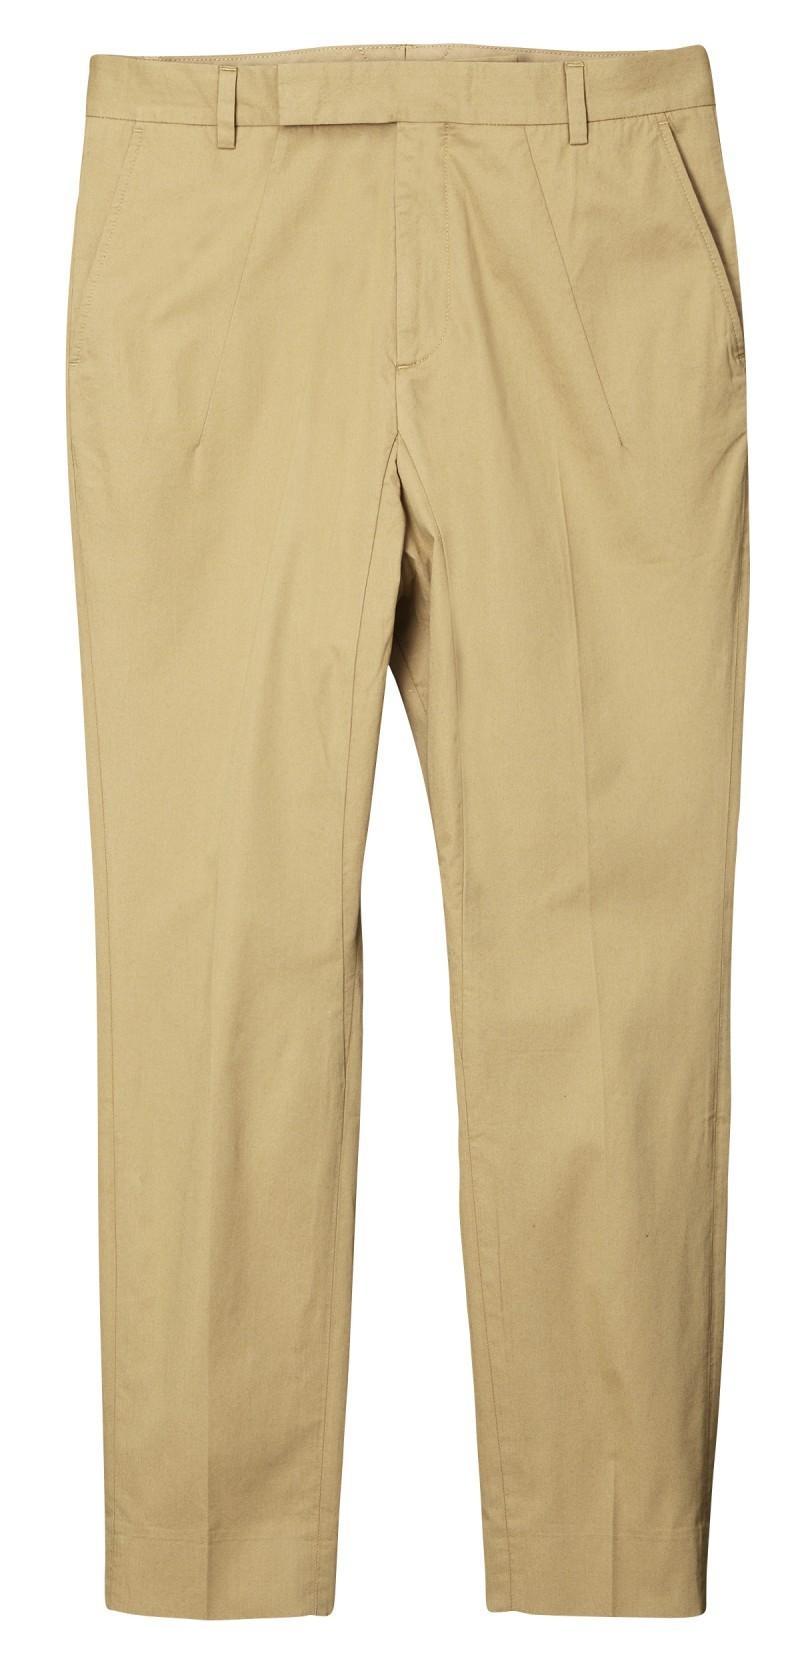 beżowe spodnie H&M - kolekcja wiosenno/letnia